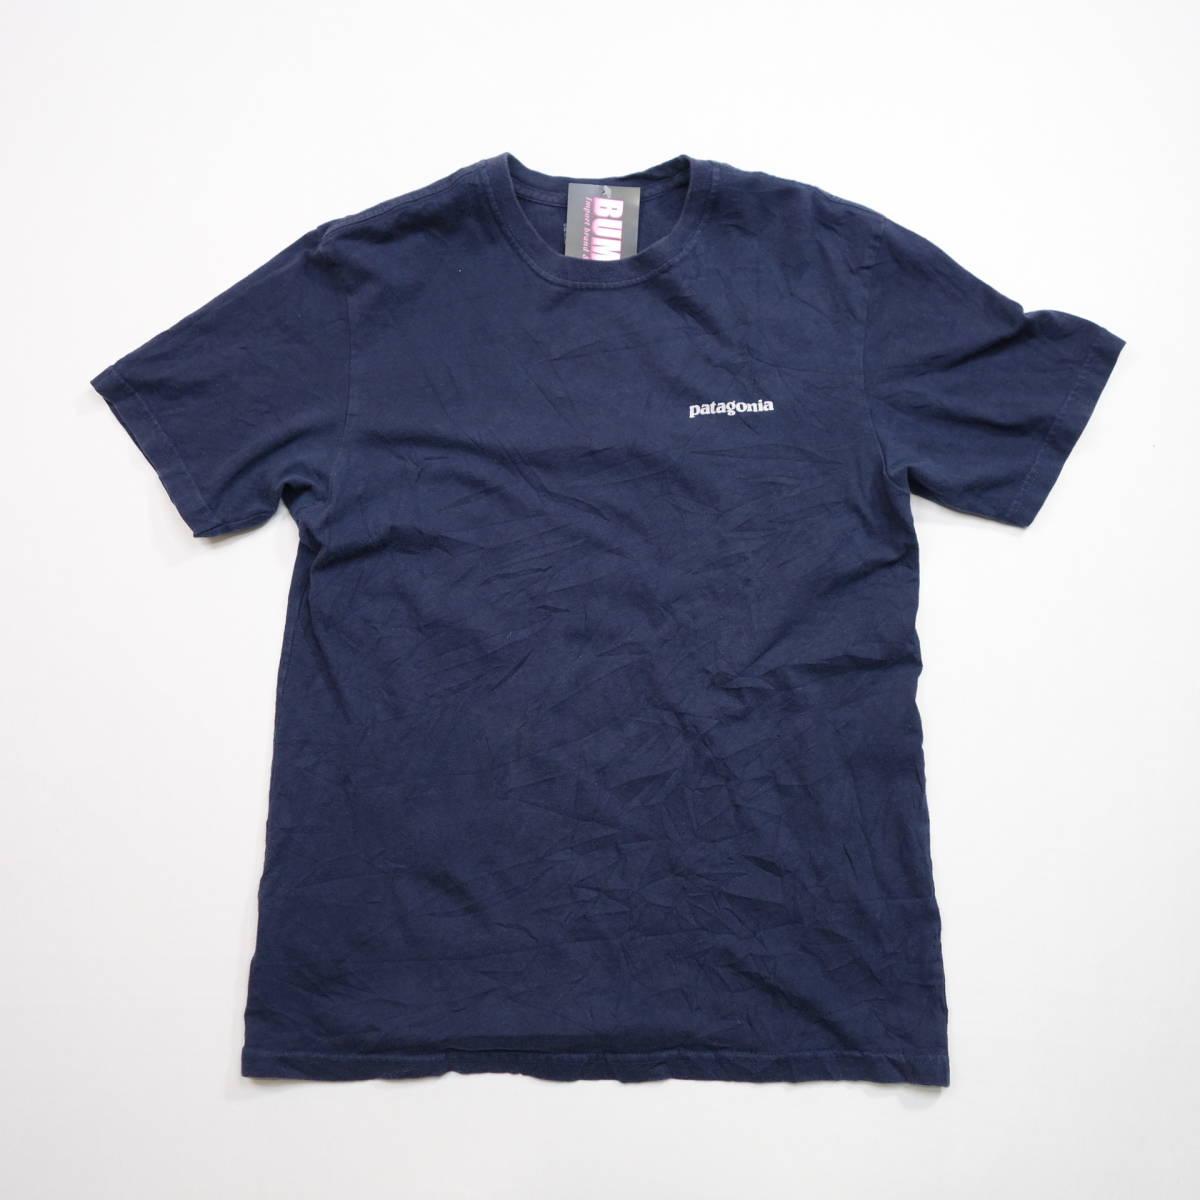 パタゴニア patagonia Tシャツ 半袖 メンズ S クルーネック バックプリント アウトドア カジュアル アメリカ USA直輸入 古着 MNO-1-1-0510_画像2